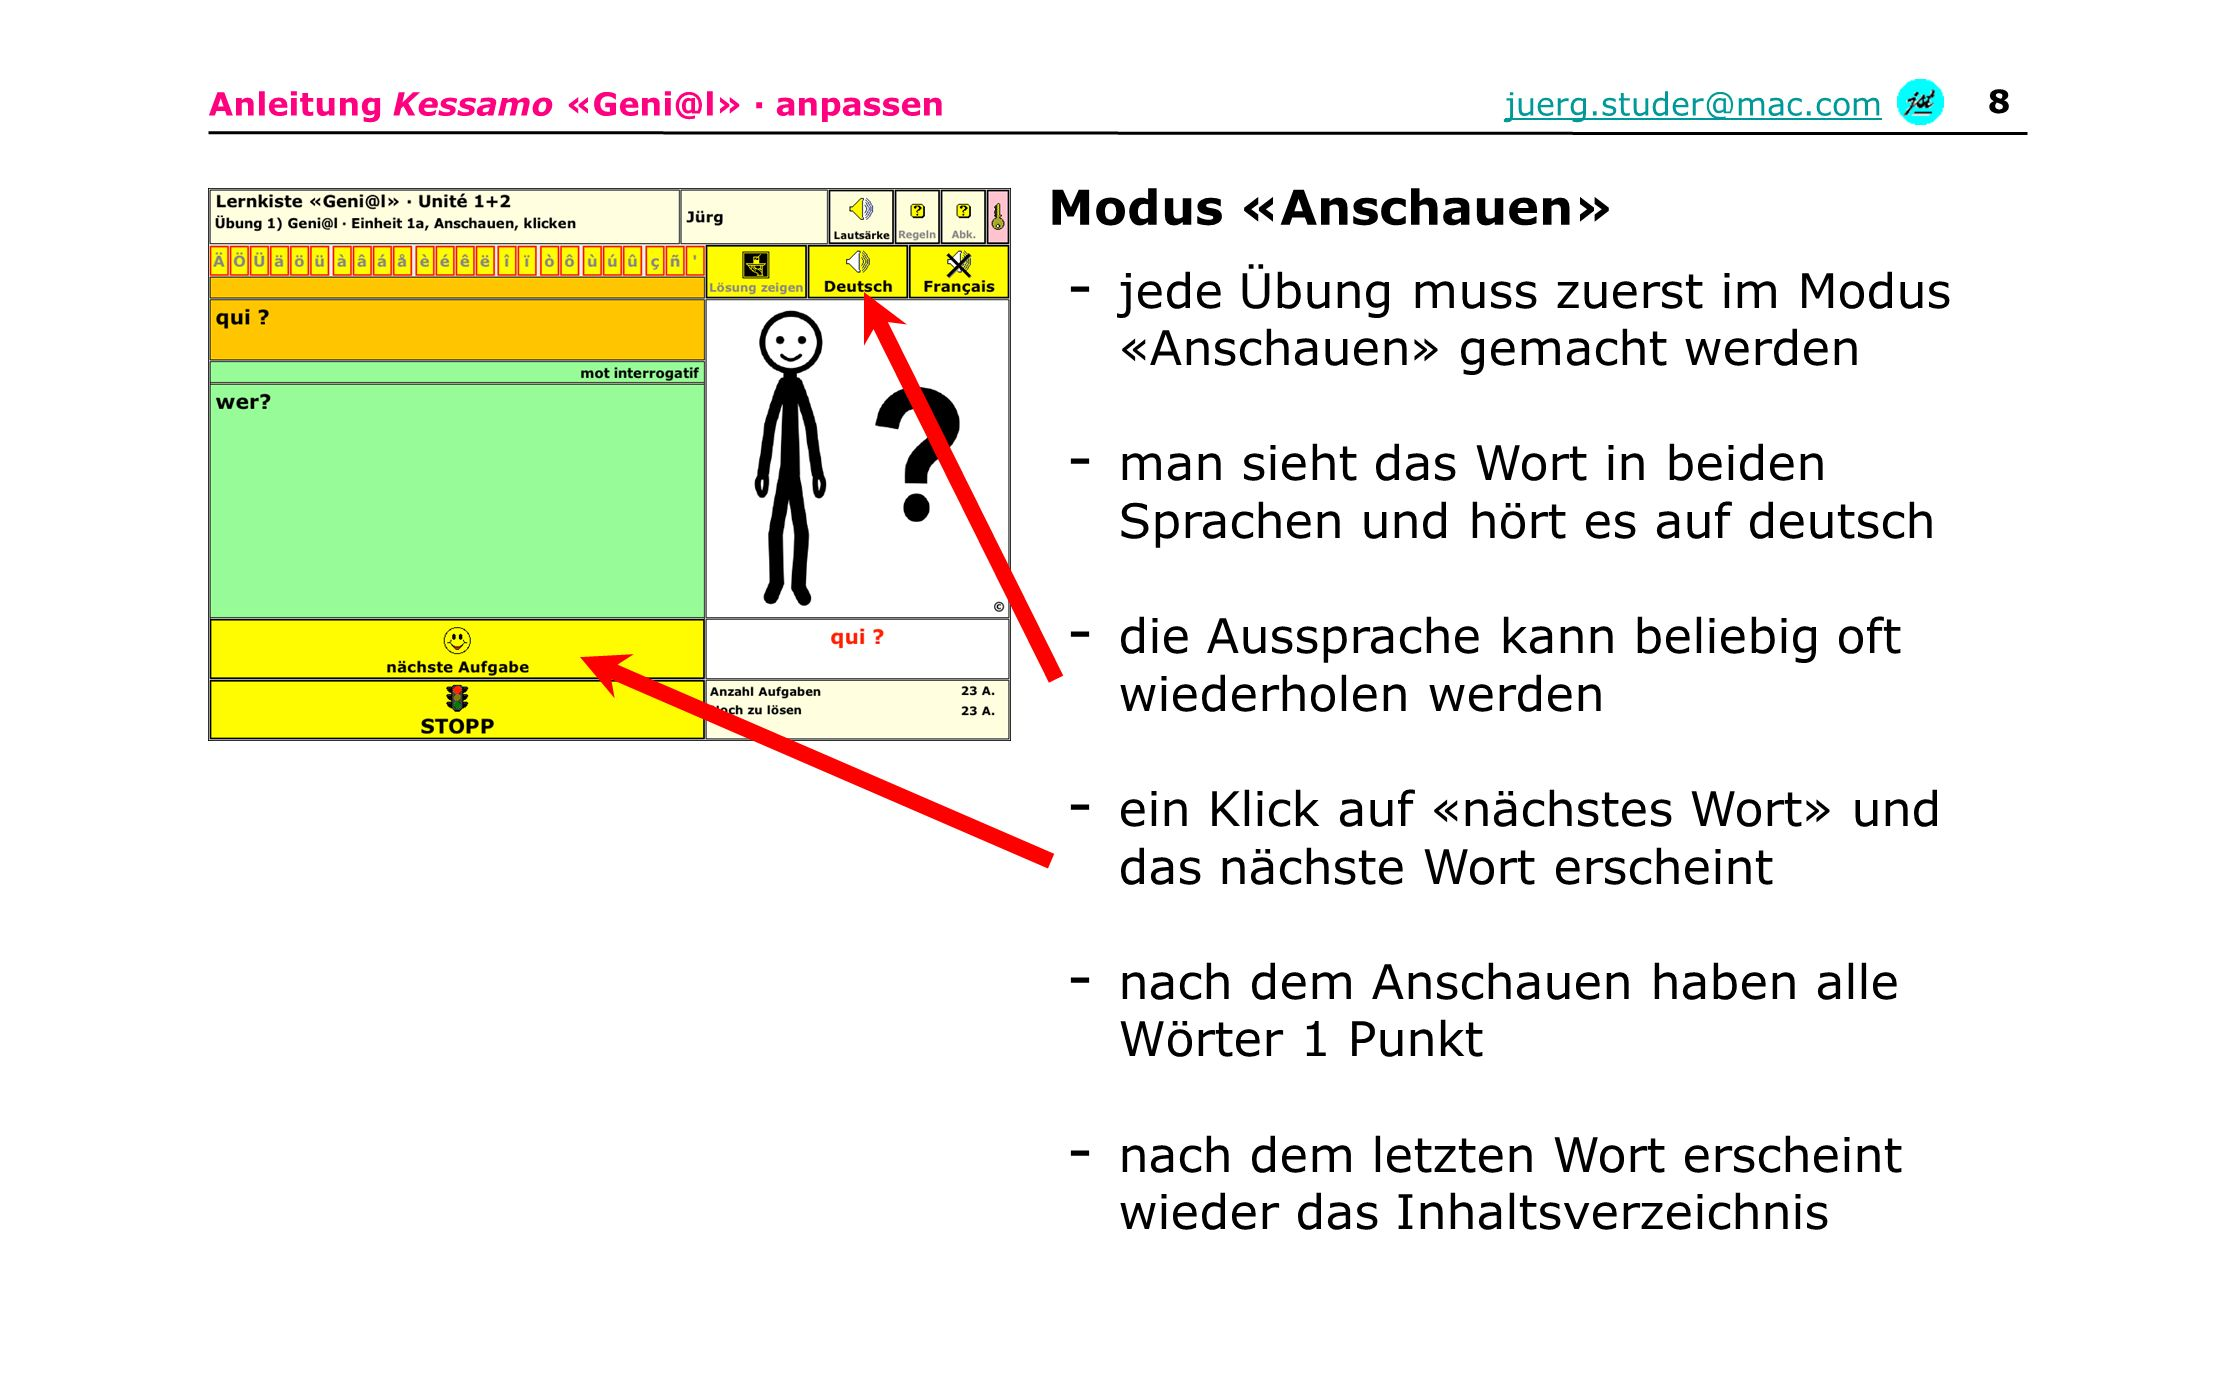 Anleitung Kessamo «Geni@l» · anpassenjuerg.studer@mac.com 8 - jede Übung muss zuerst im Modus «Anschauen» gemacht werden - man sieht das Wort in beide